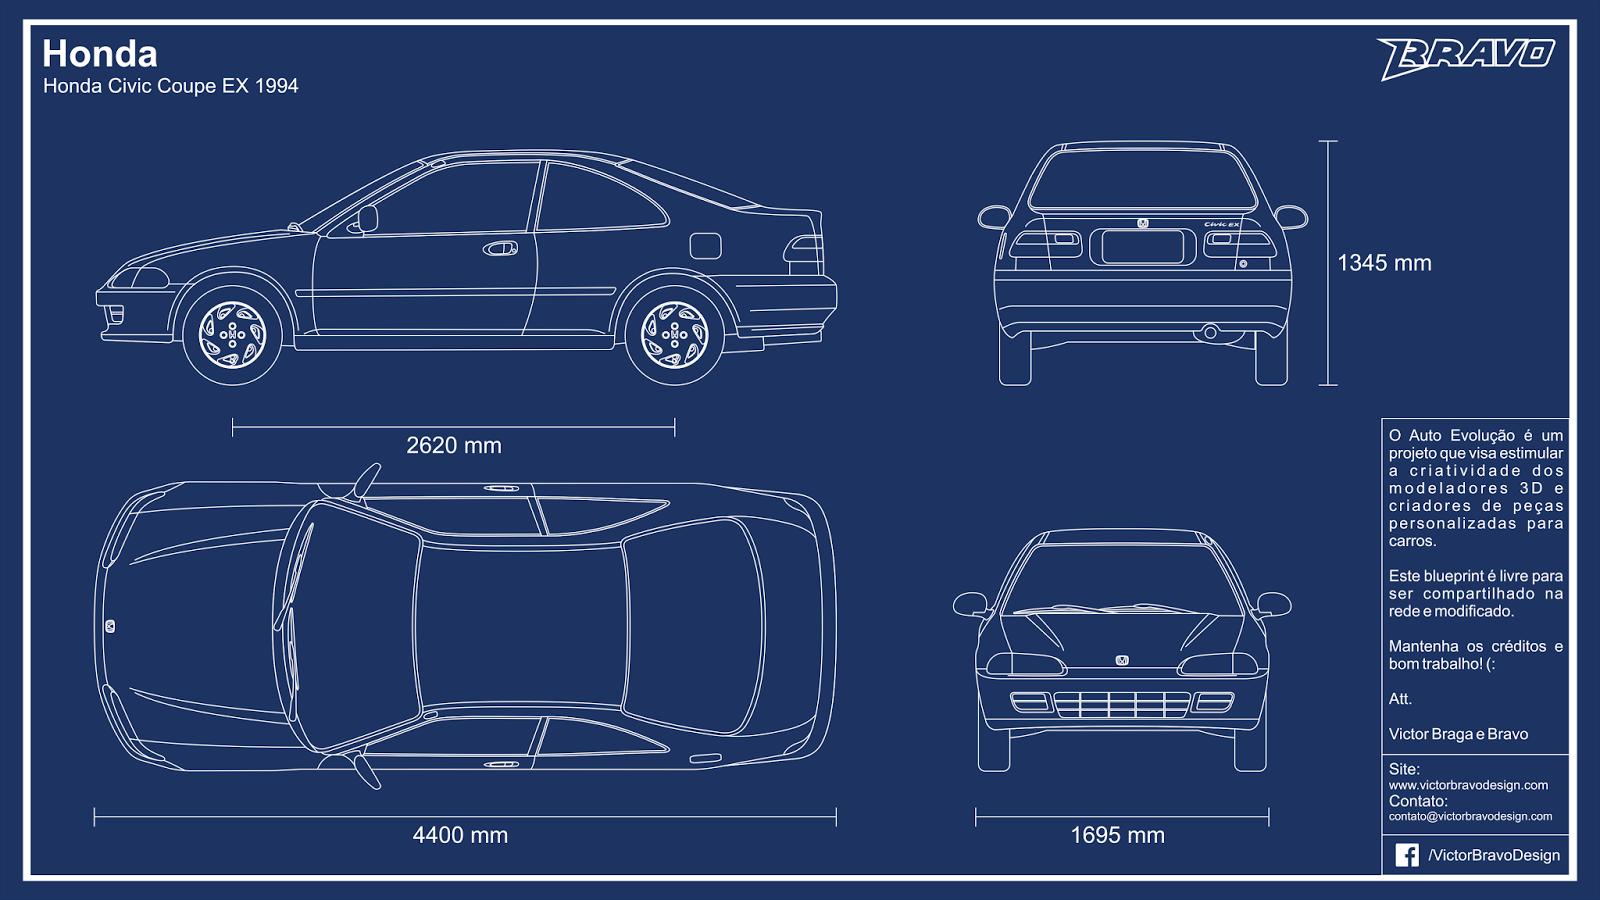 Imagem mostrando o desenho do blueprint do Honda Civic Coupe EX 1994